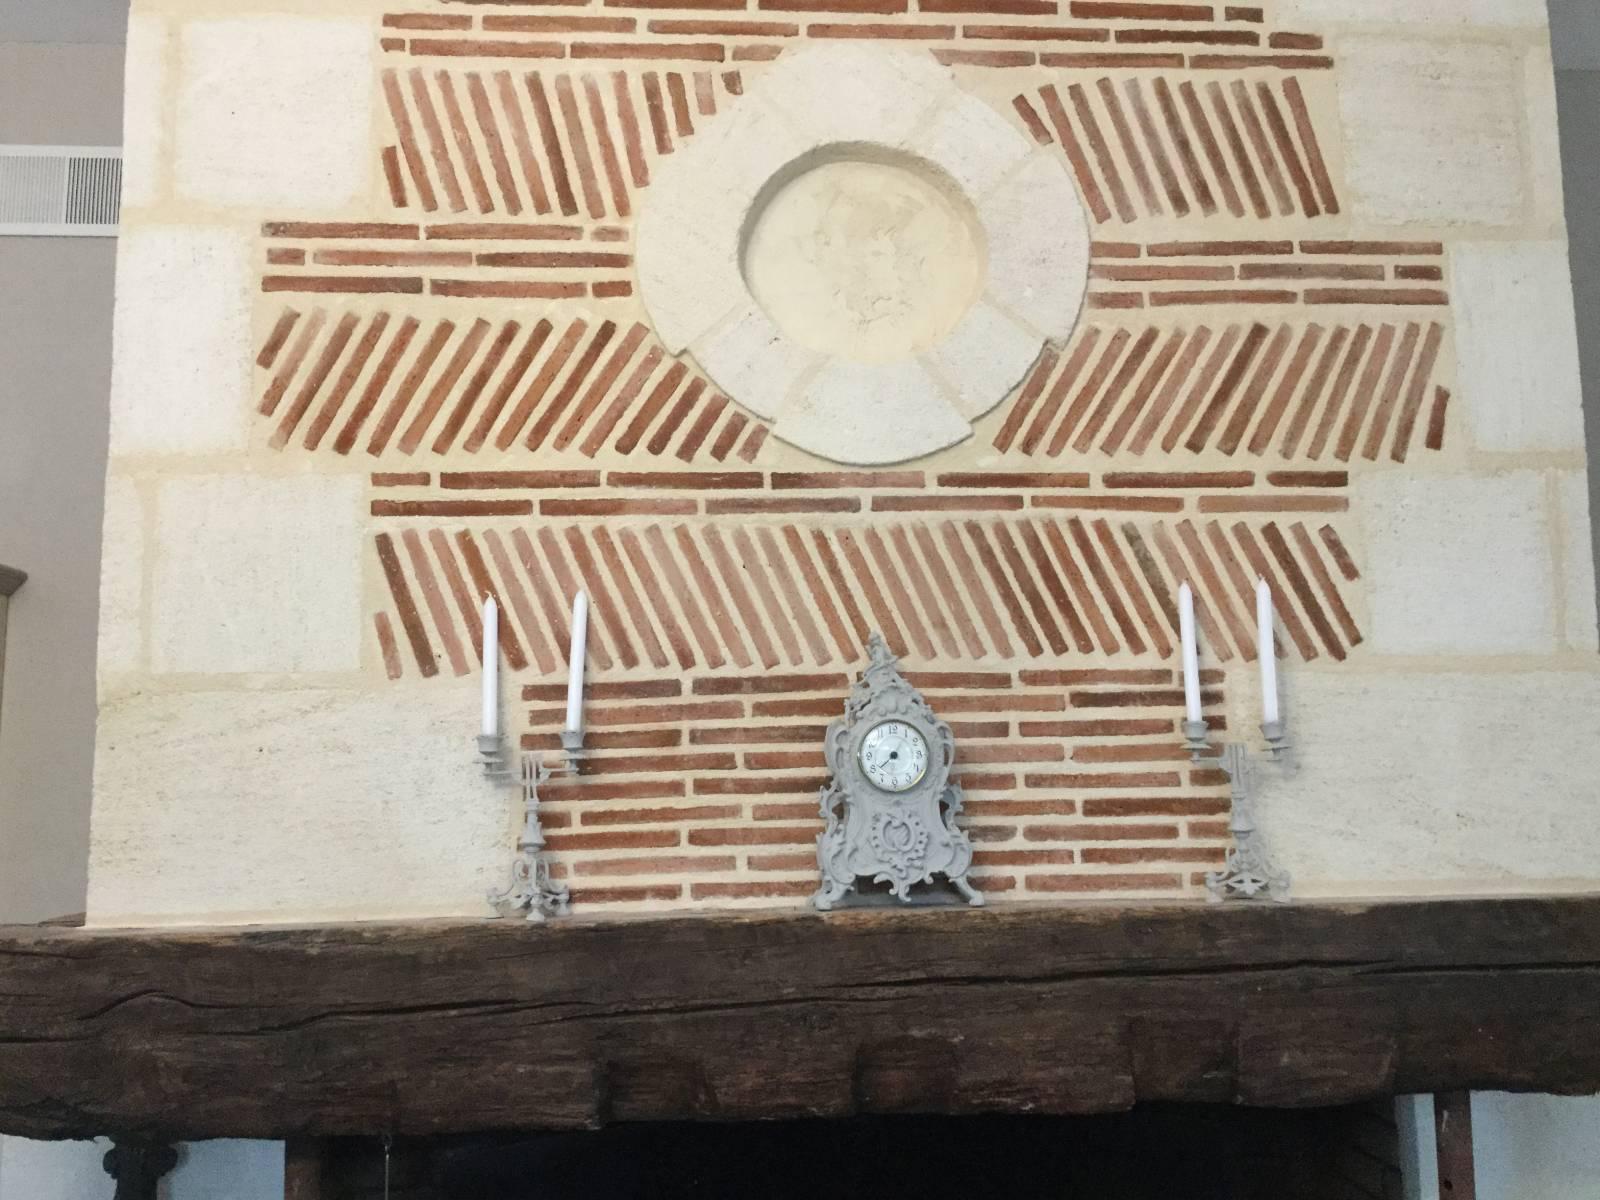 Renovation De Cheminee Ancienne mise à neuf d'une cheminée ancienne dans l'entre deux mers